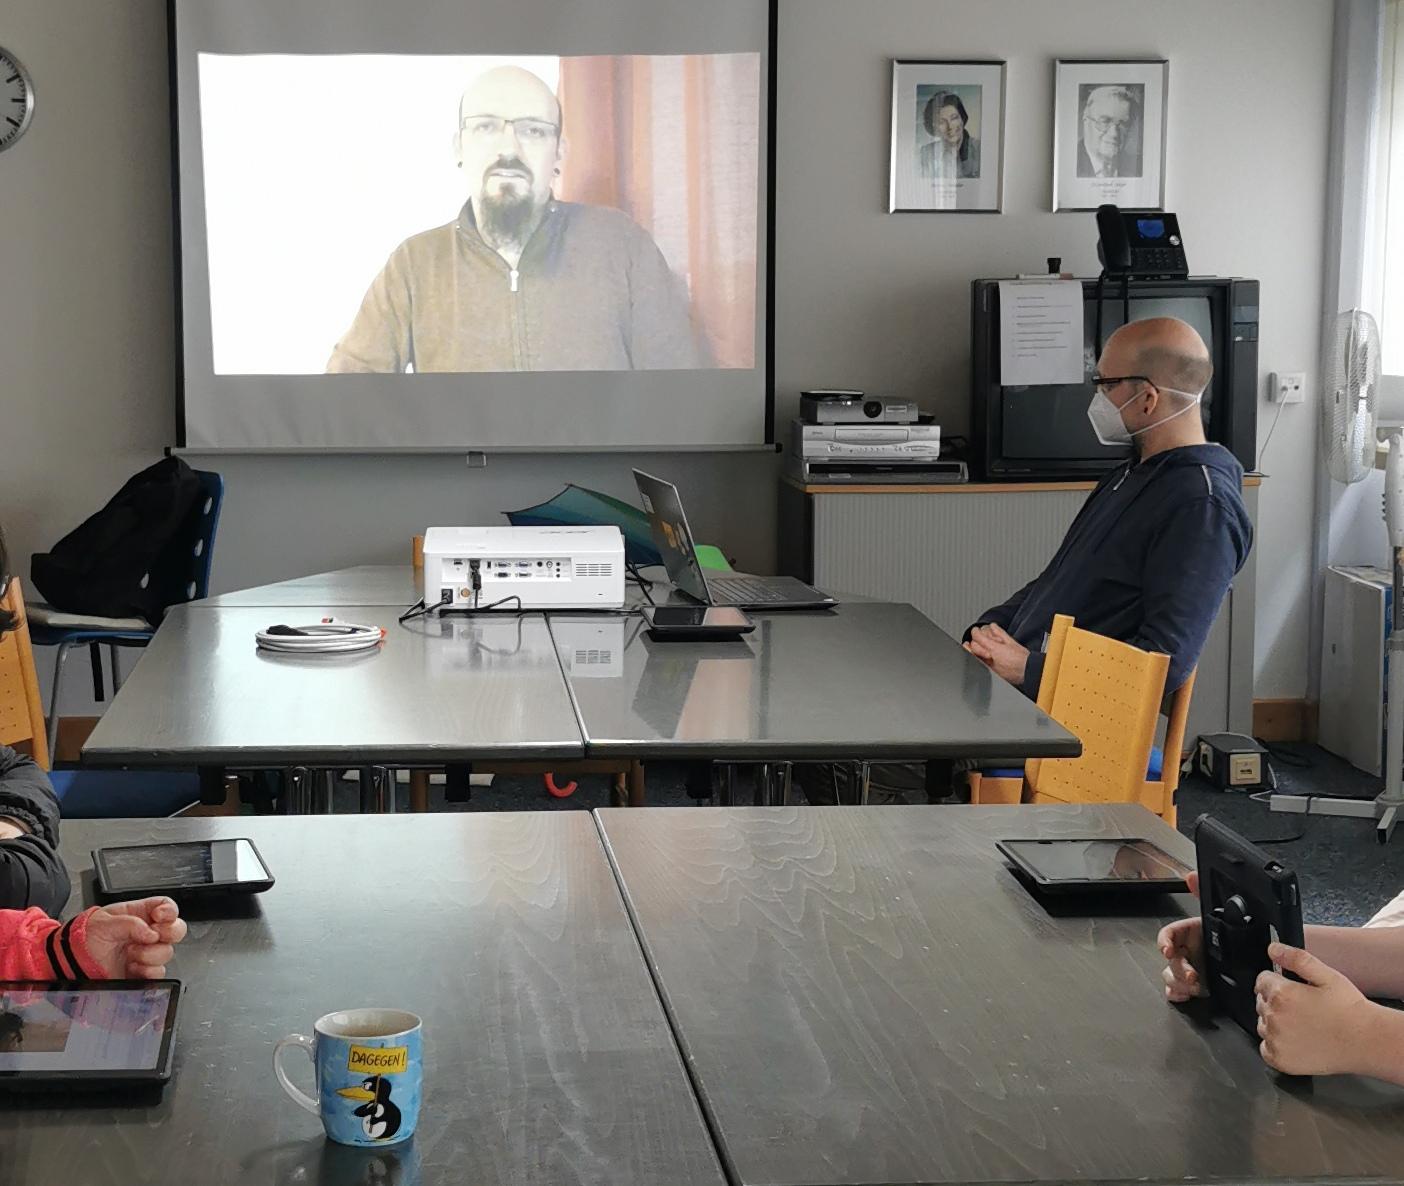 """""""Inklusion im autonomen Straßenverkehr"""". WfbM-Mitarbeiter mit Behinderung nehmen per Videoschalte an Studie von Mathias Haimerl teil."""